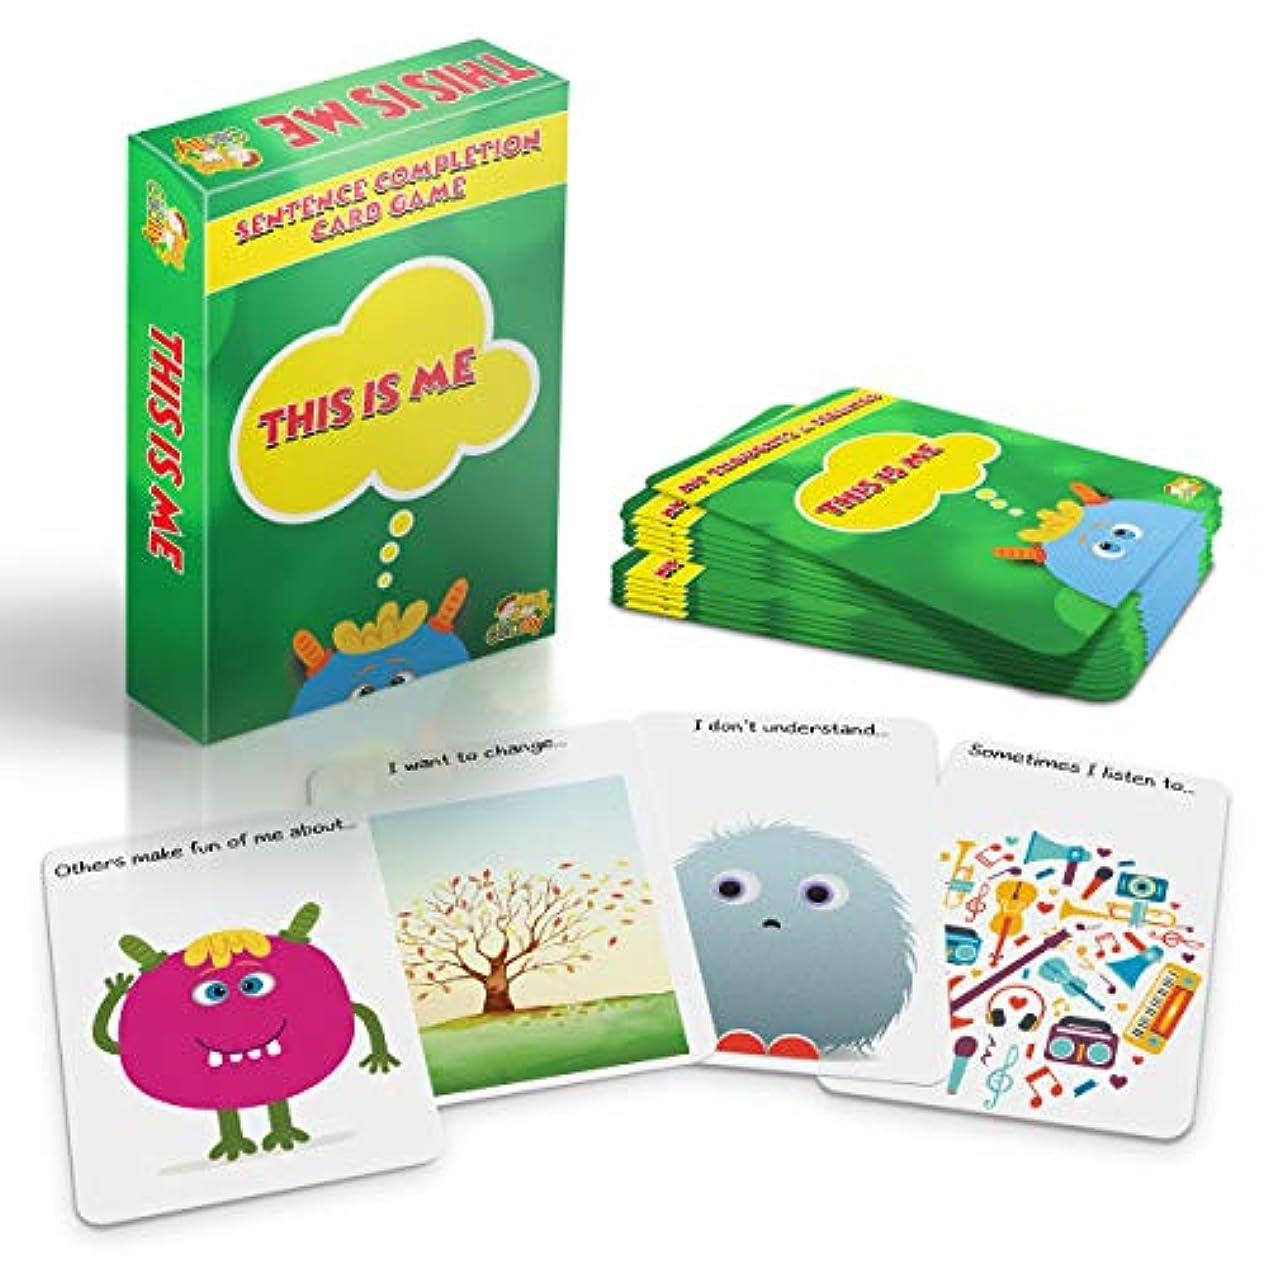 下手韻盲信Cadily This is Me: Sentence Completion Therapyゲーム。 社会的スキルゲームとして使用。 カウンセリングゲームやスクールゲーム。 ご両親やプロにプレイセラピートイで、子供たちに気持ちを表現することを教えます。